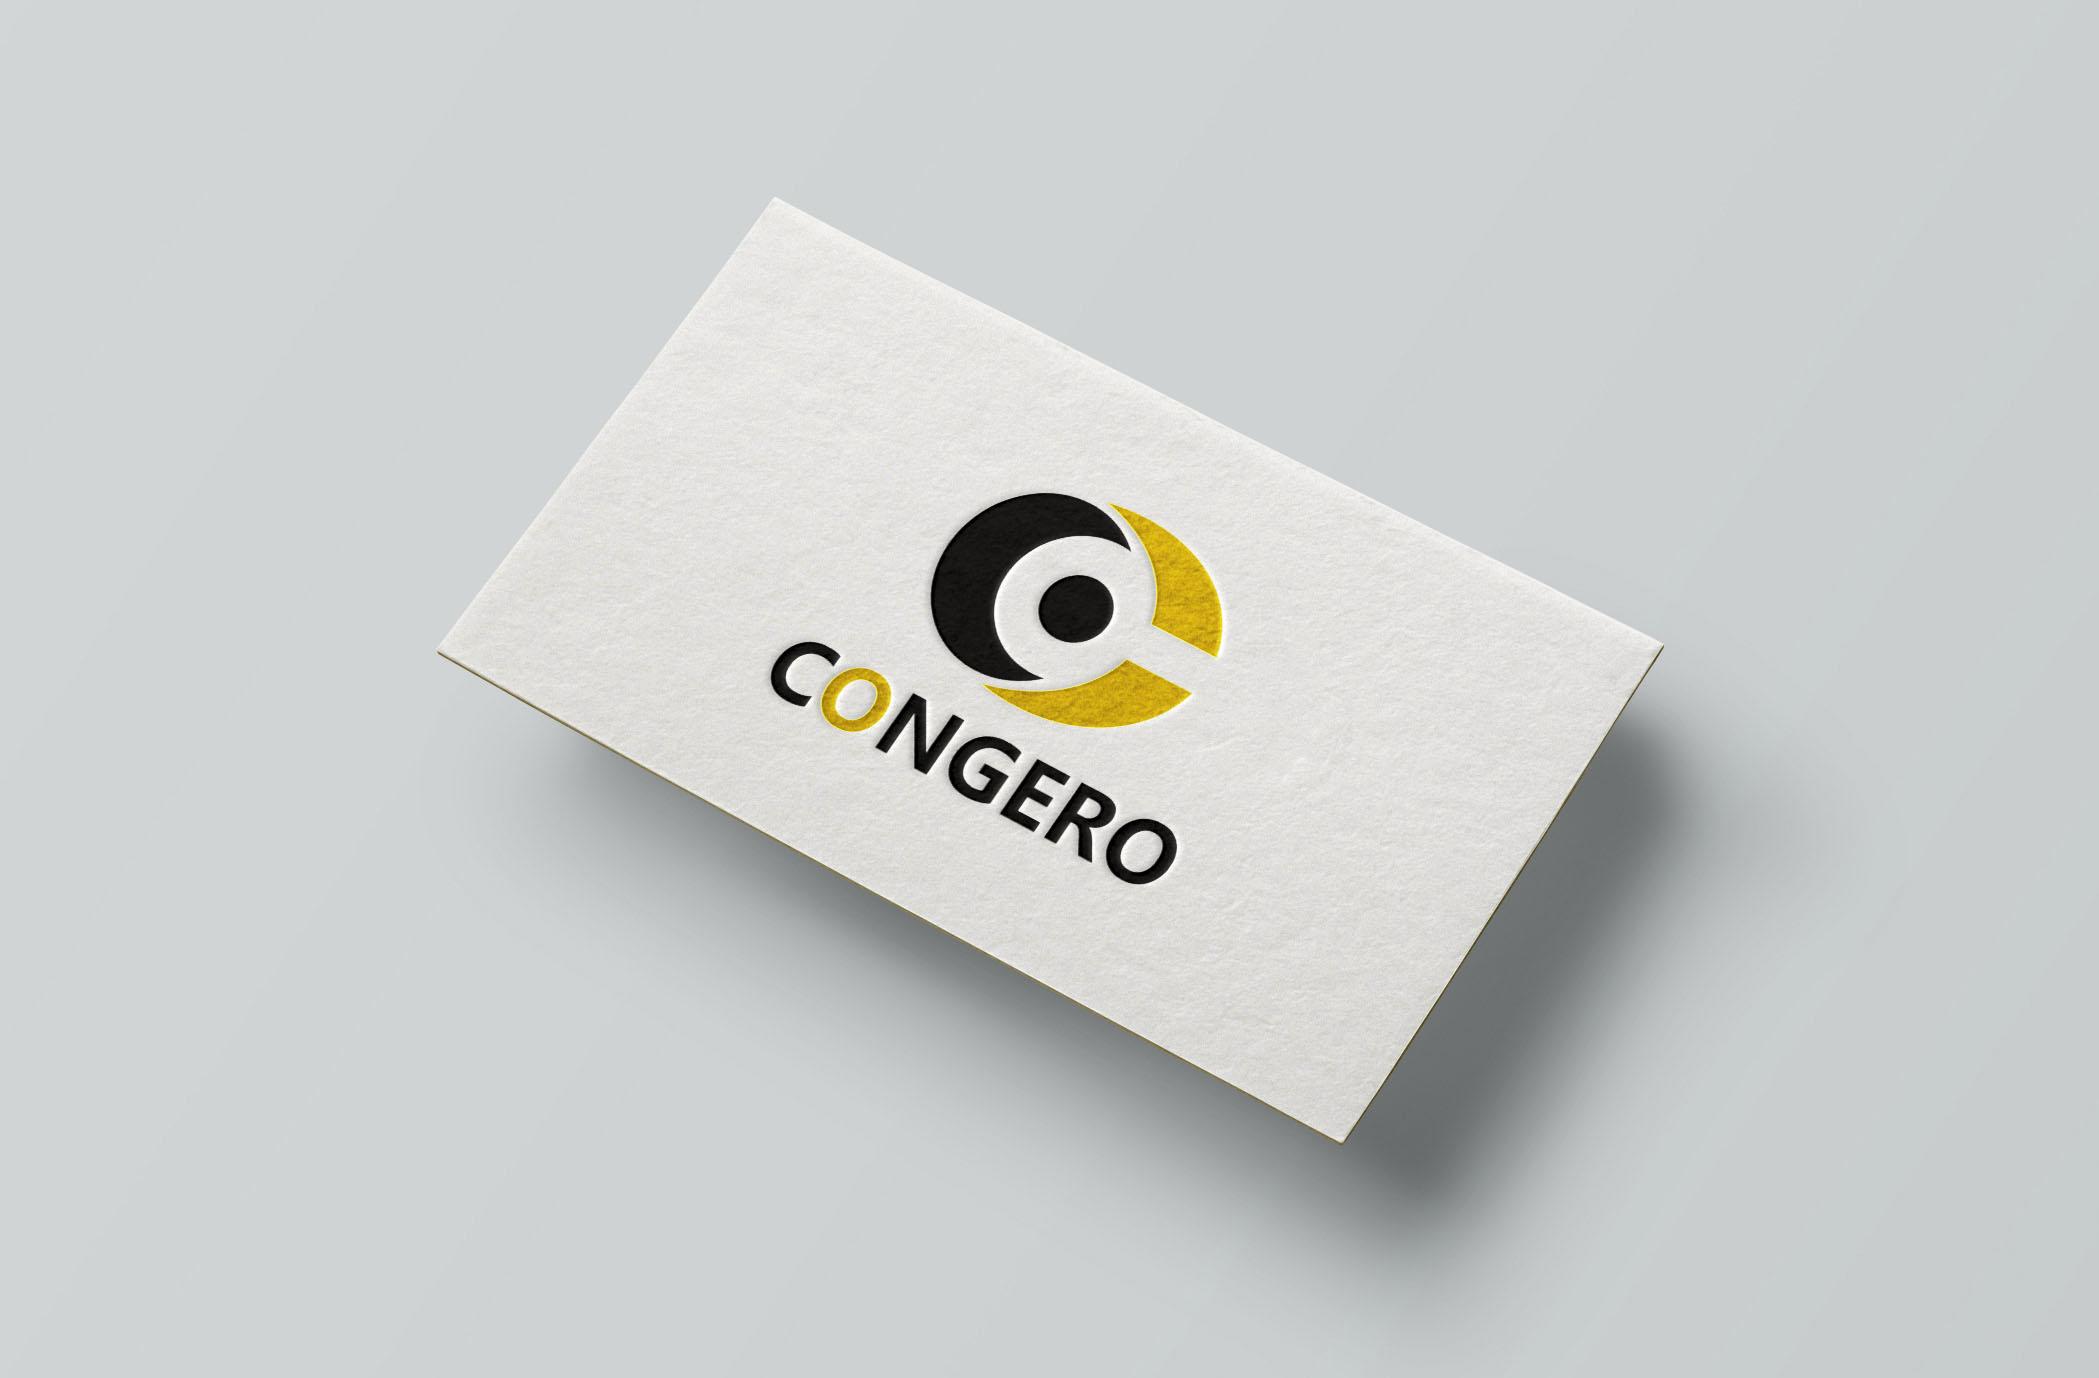 Разработка логотипа и логотипа вместе с названием фото f_0845a3e6cb1baff0.jpg